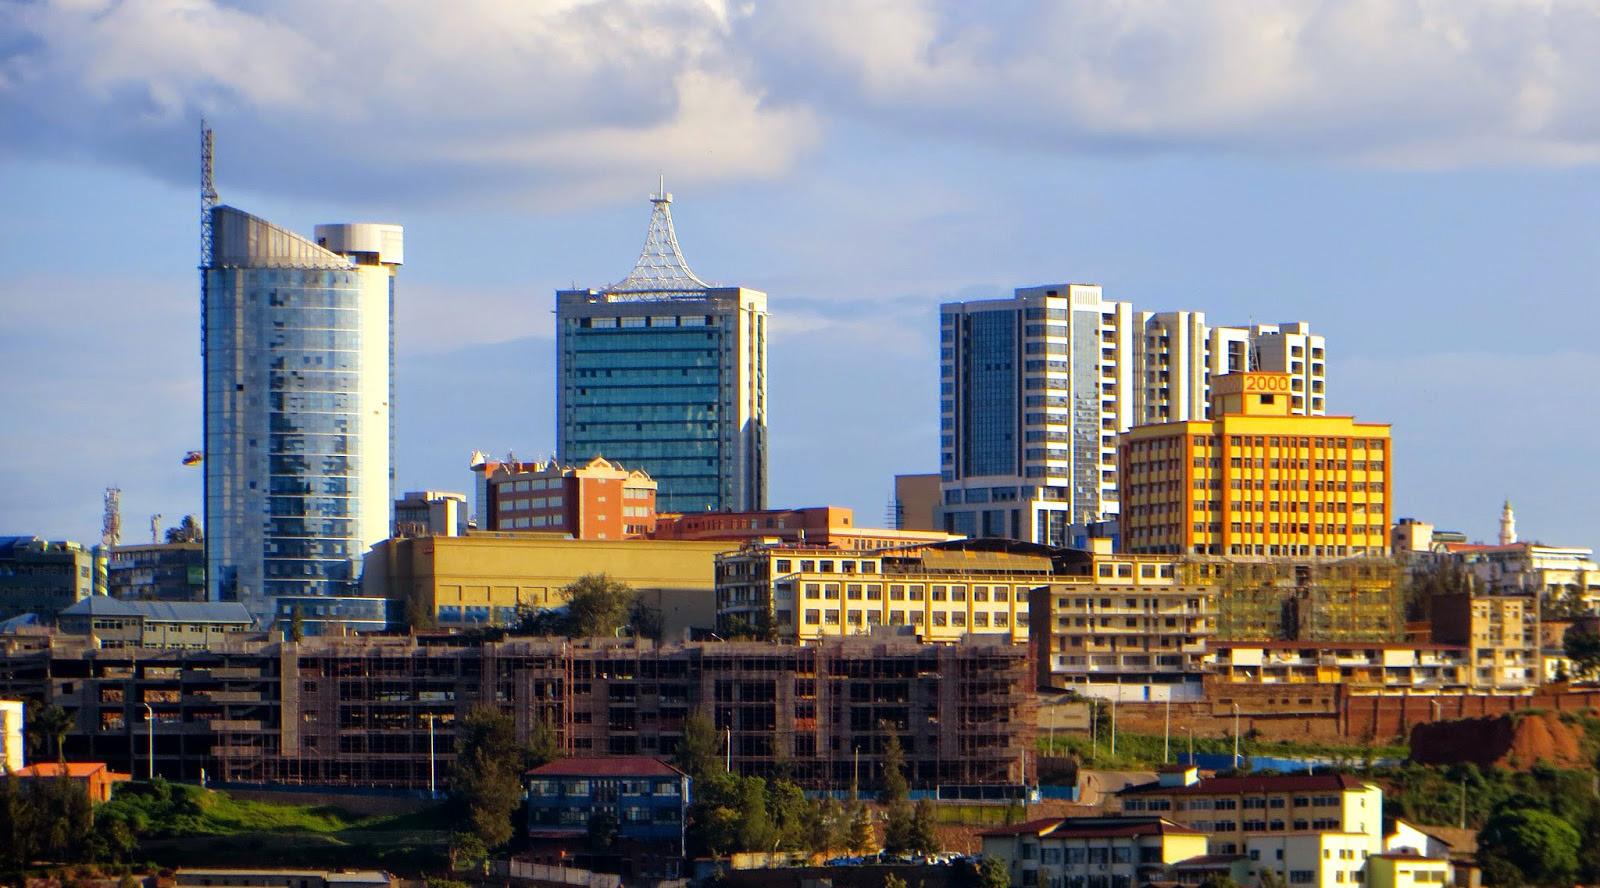 As maravilhas do Ruanda, o surpreendente destino africano que poucos conhecem